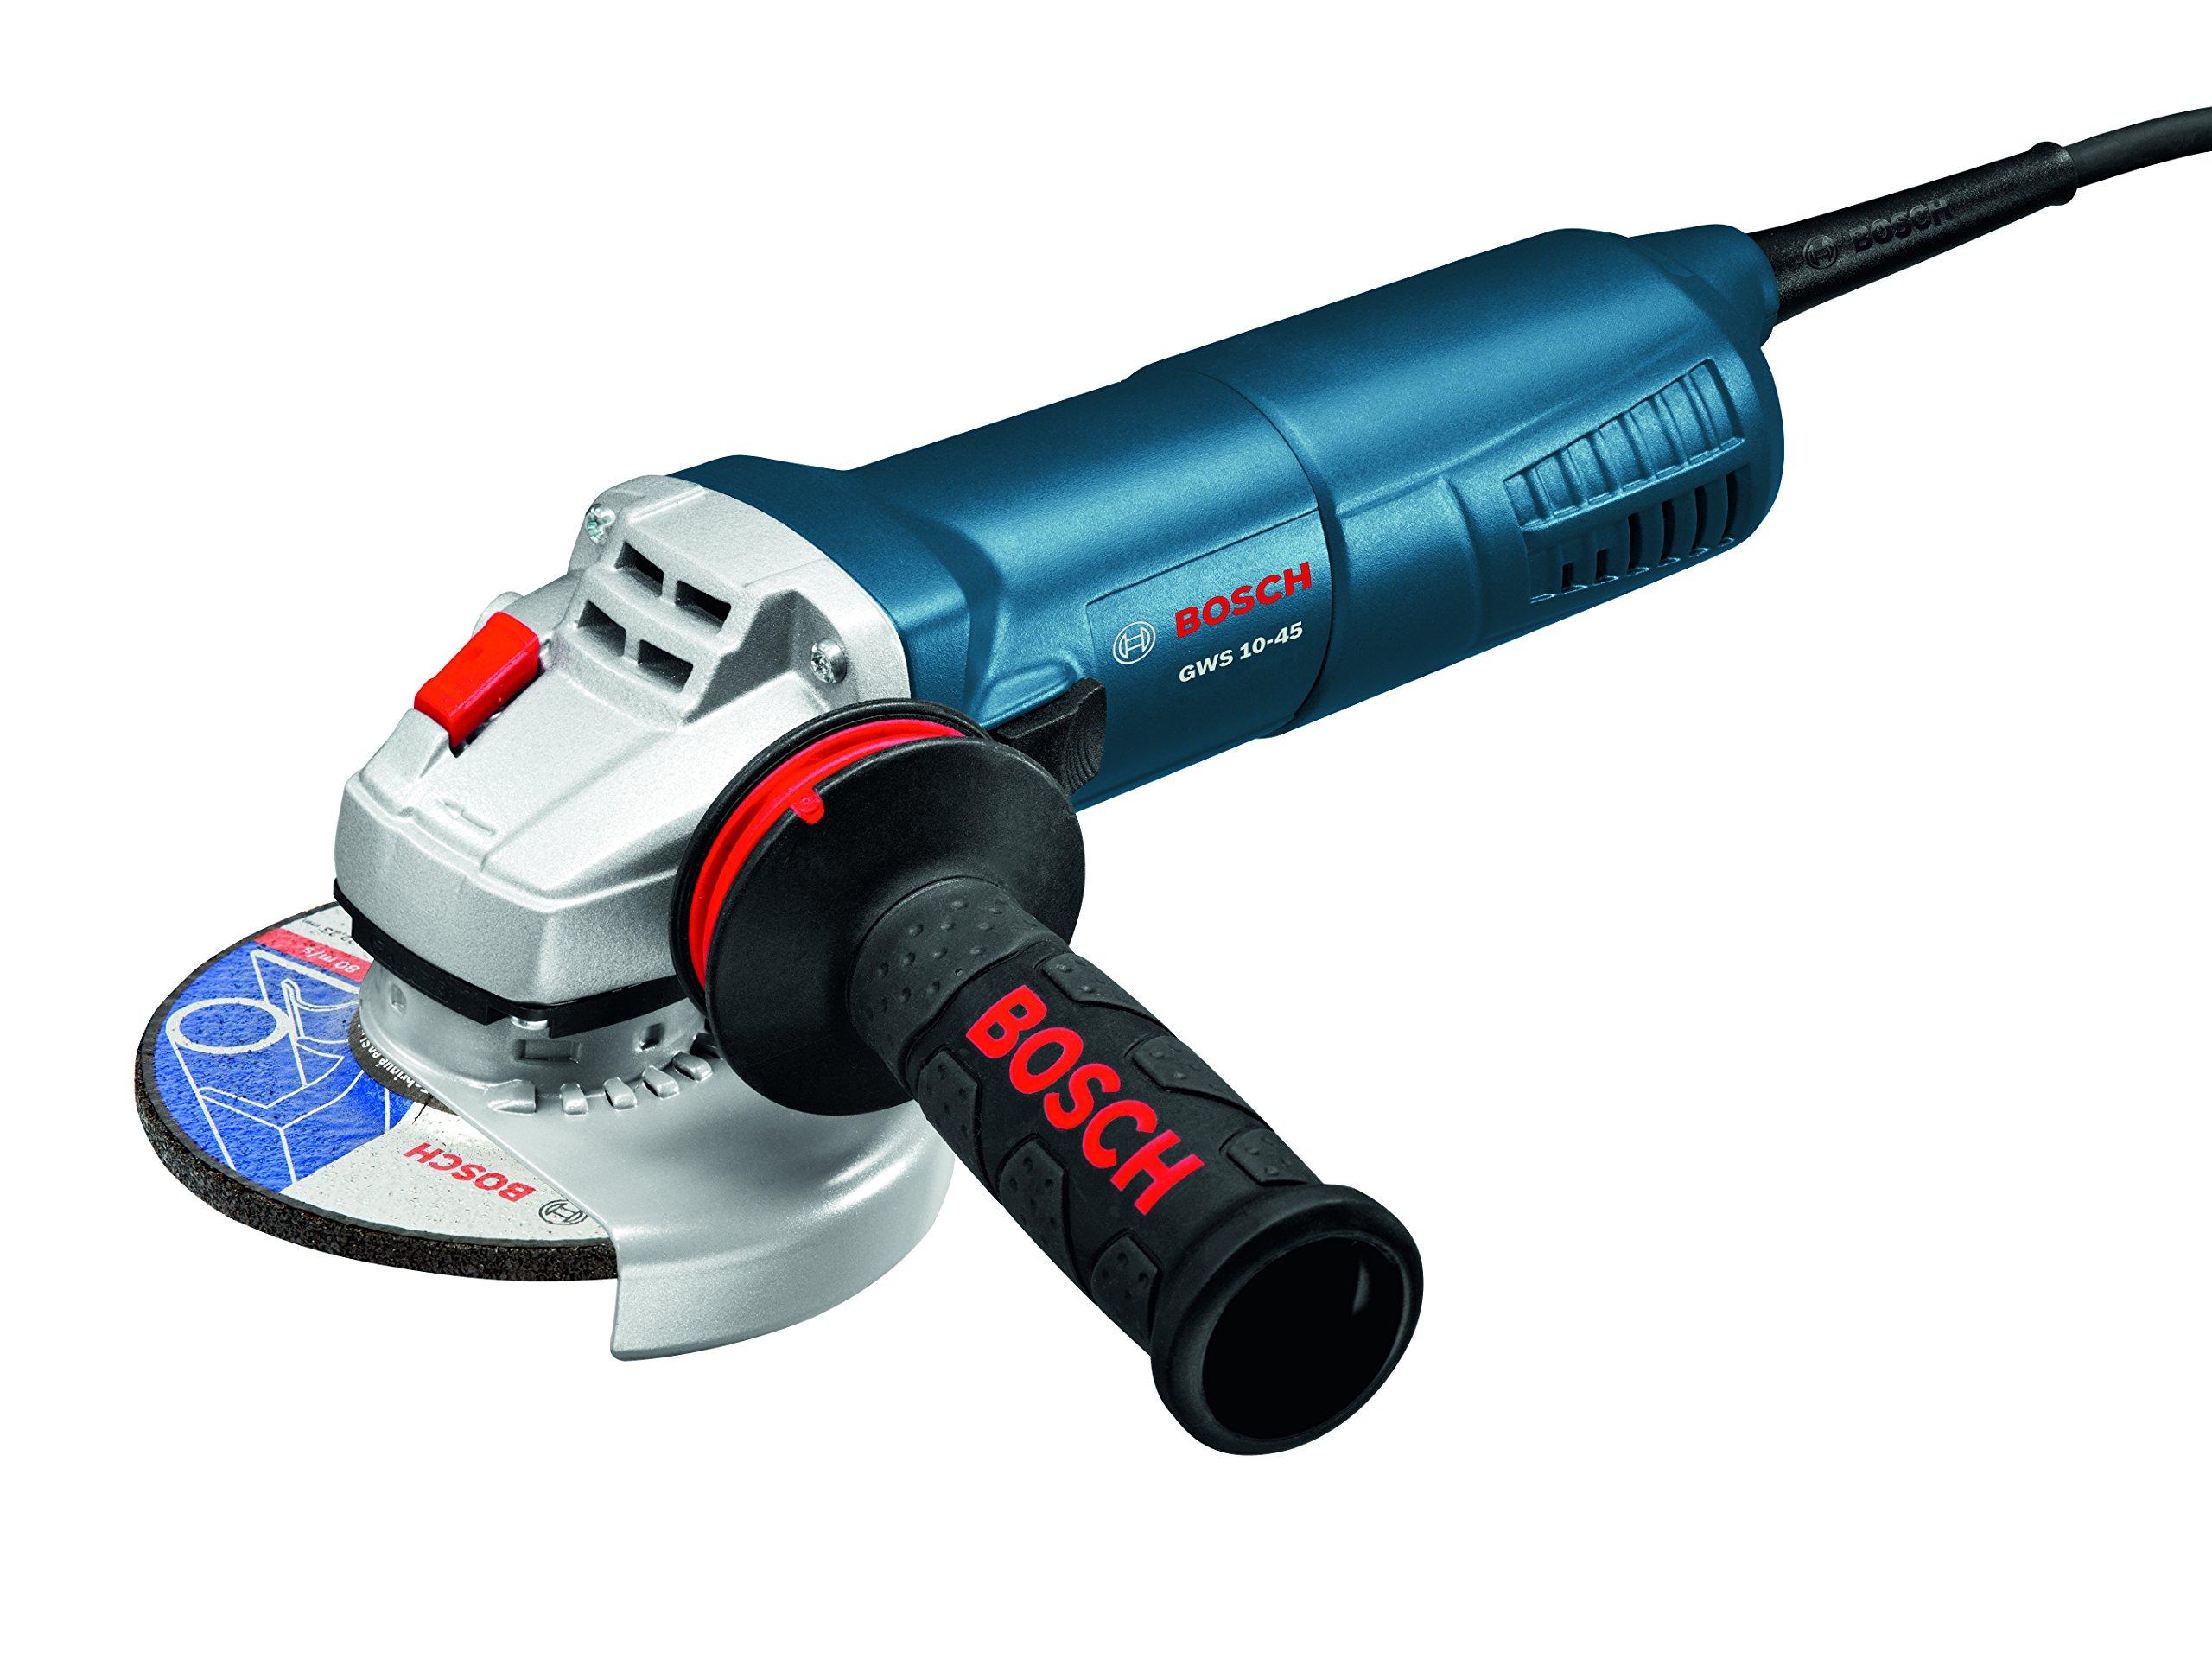 Bosch GWS10-45 Angle Grinder, 4-1/2''